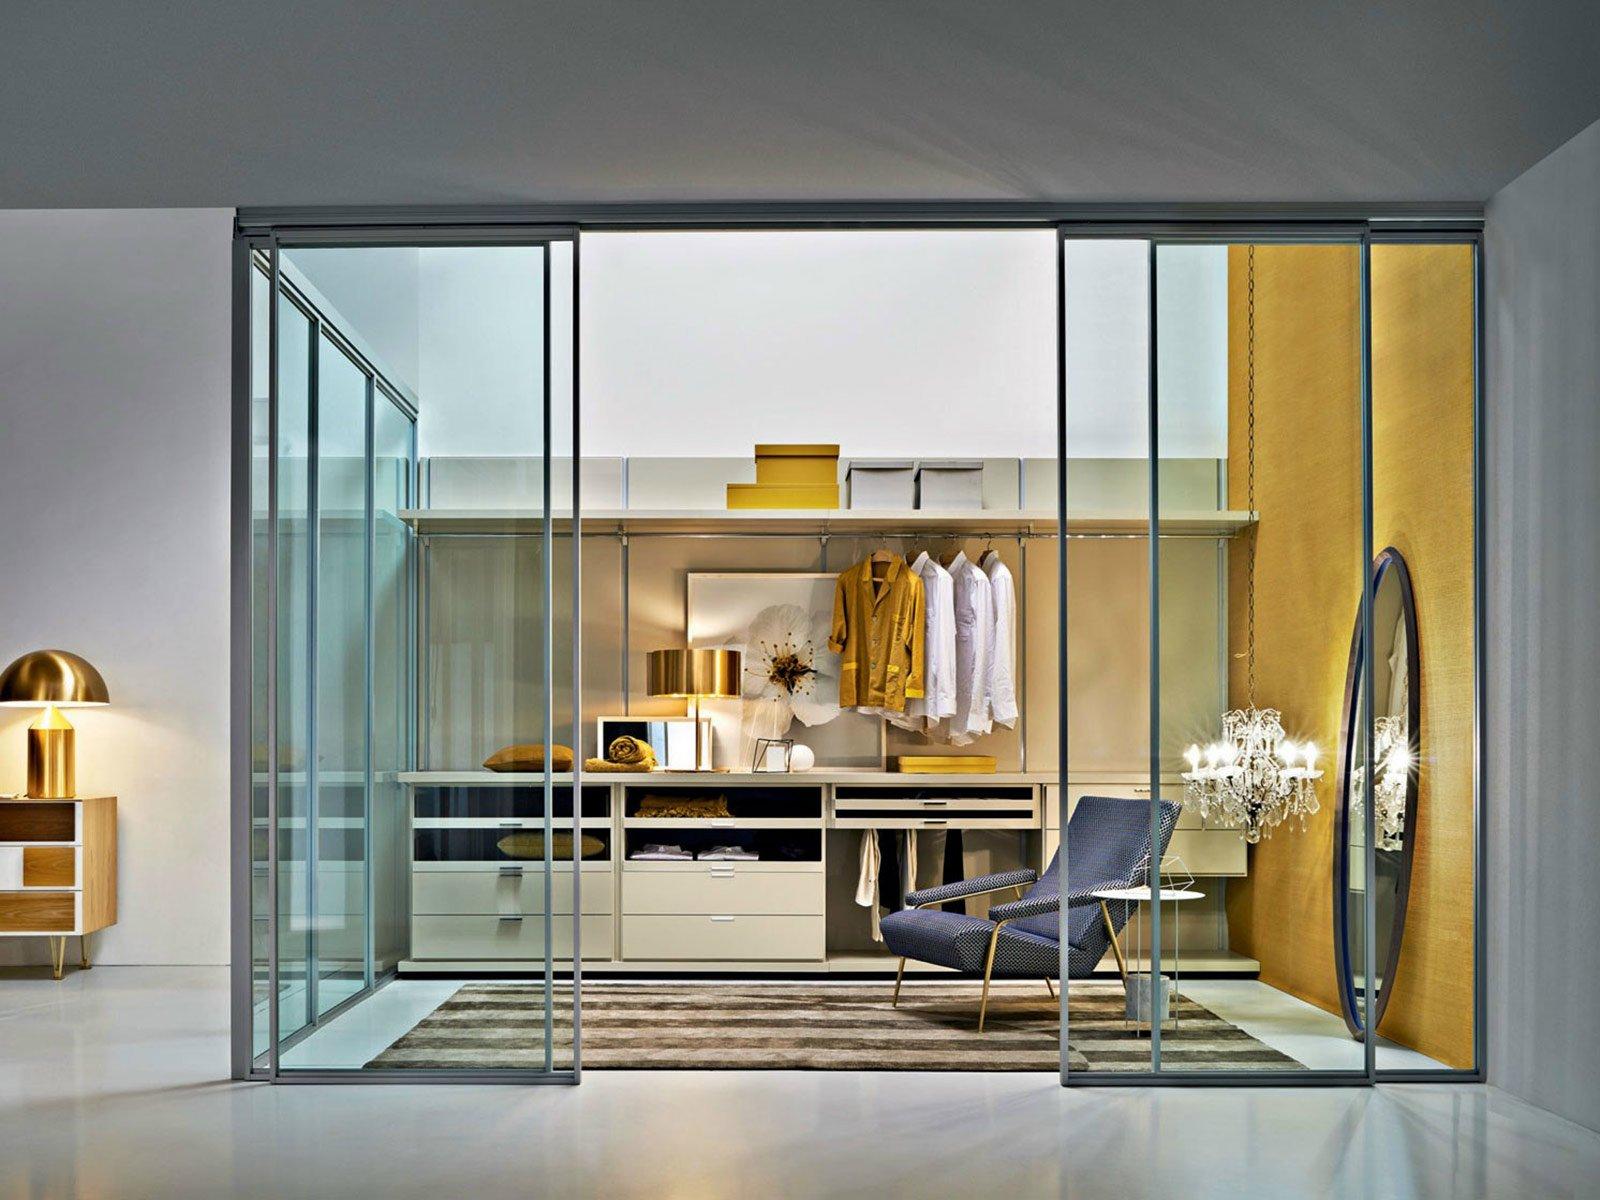 cabine armadio. progettiamo insieme lo spazio - cose di casa - Misure Necessarie Per Cabina Armadio